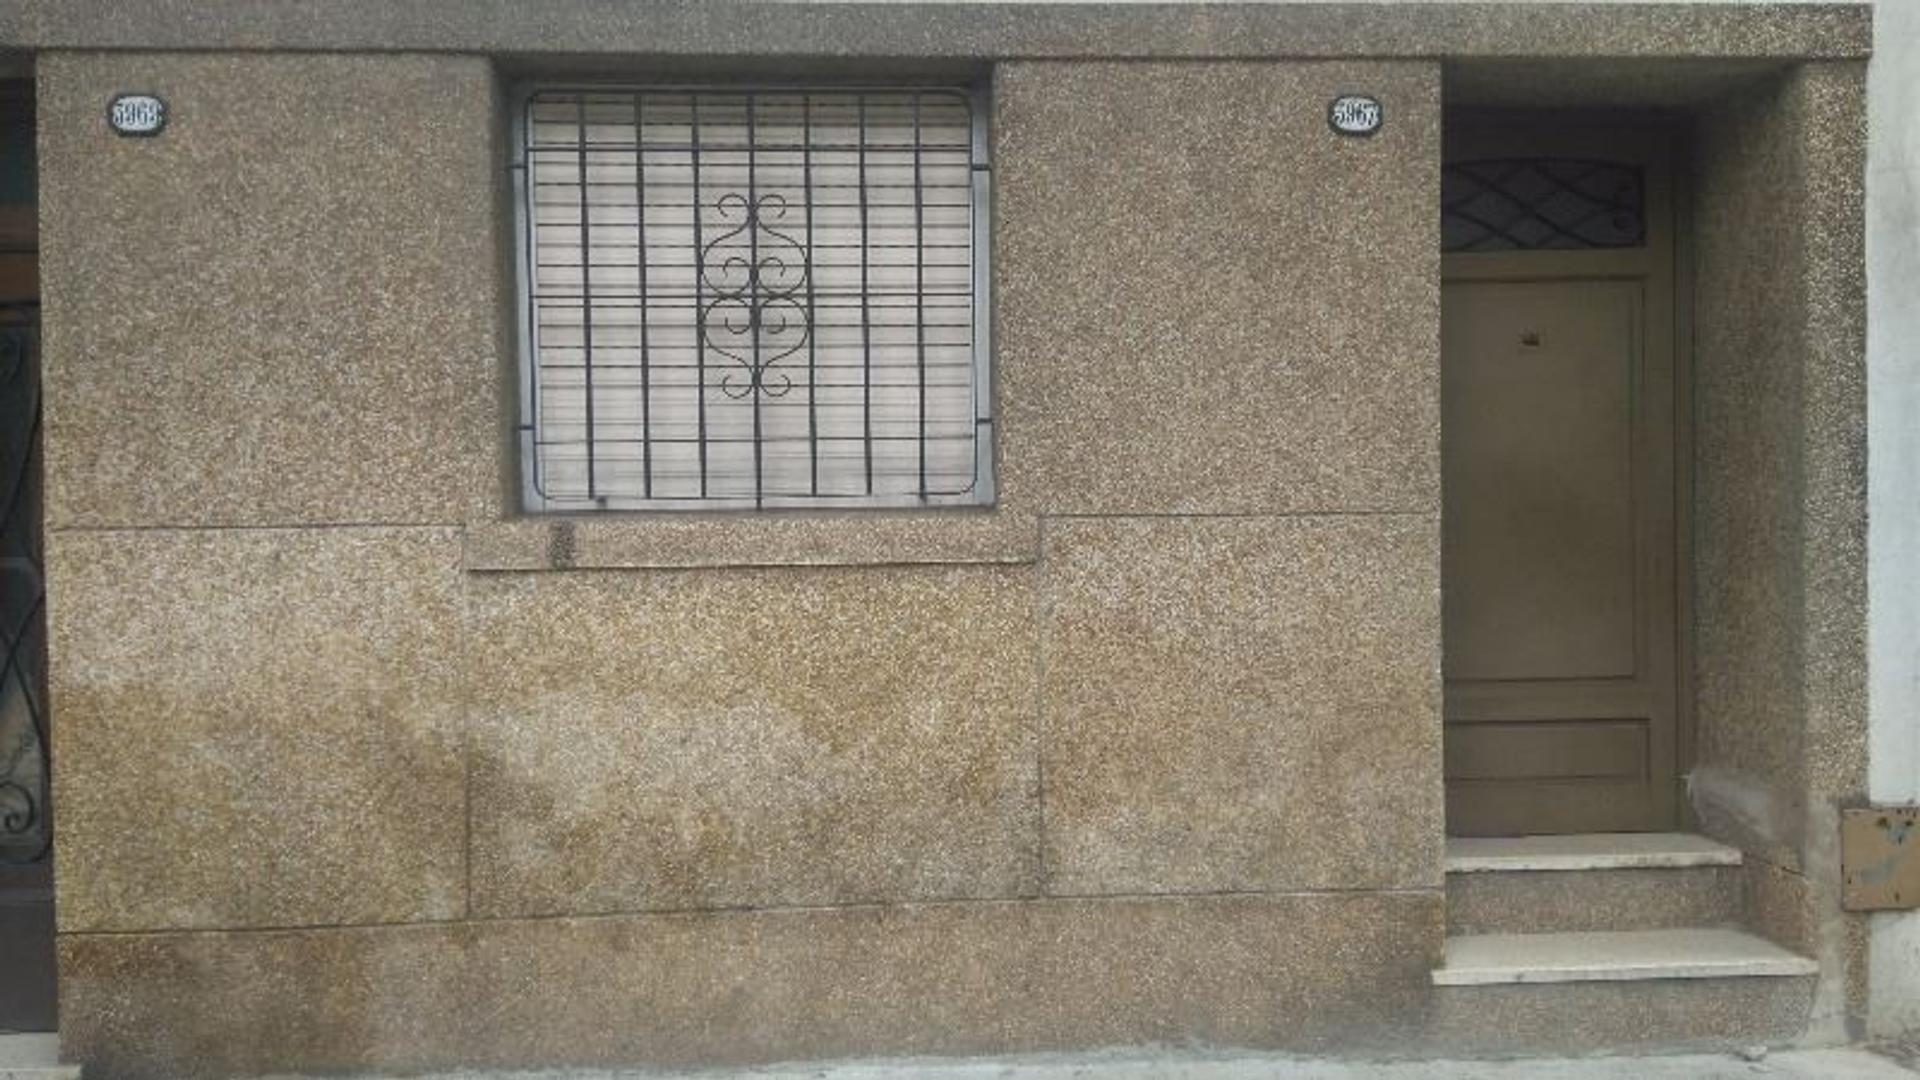 Departamento en Venta en Parque Avellaneda - 2 ambientes